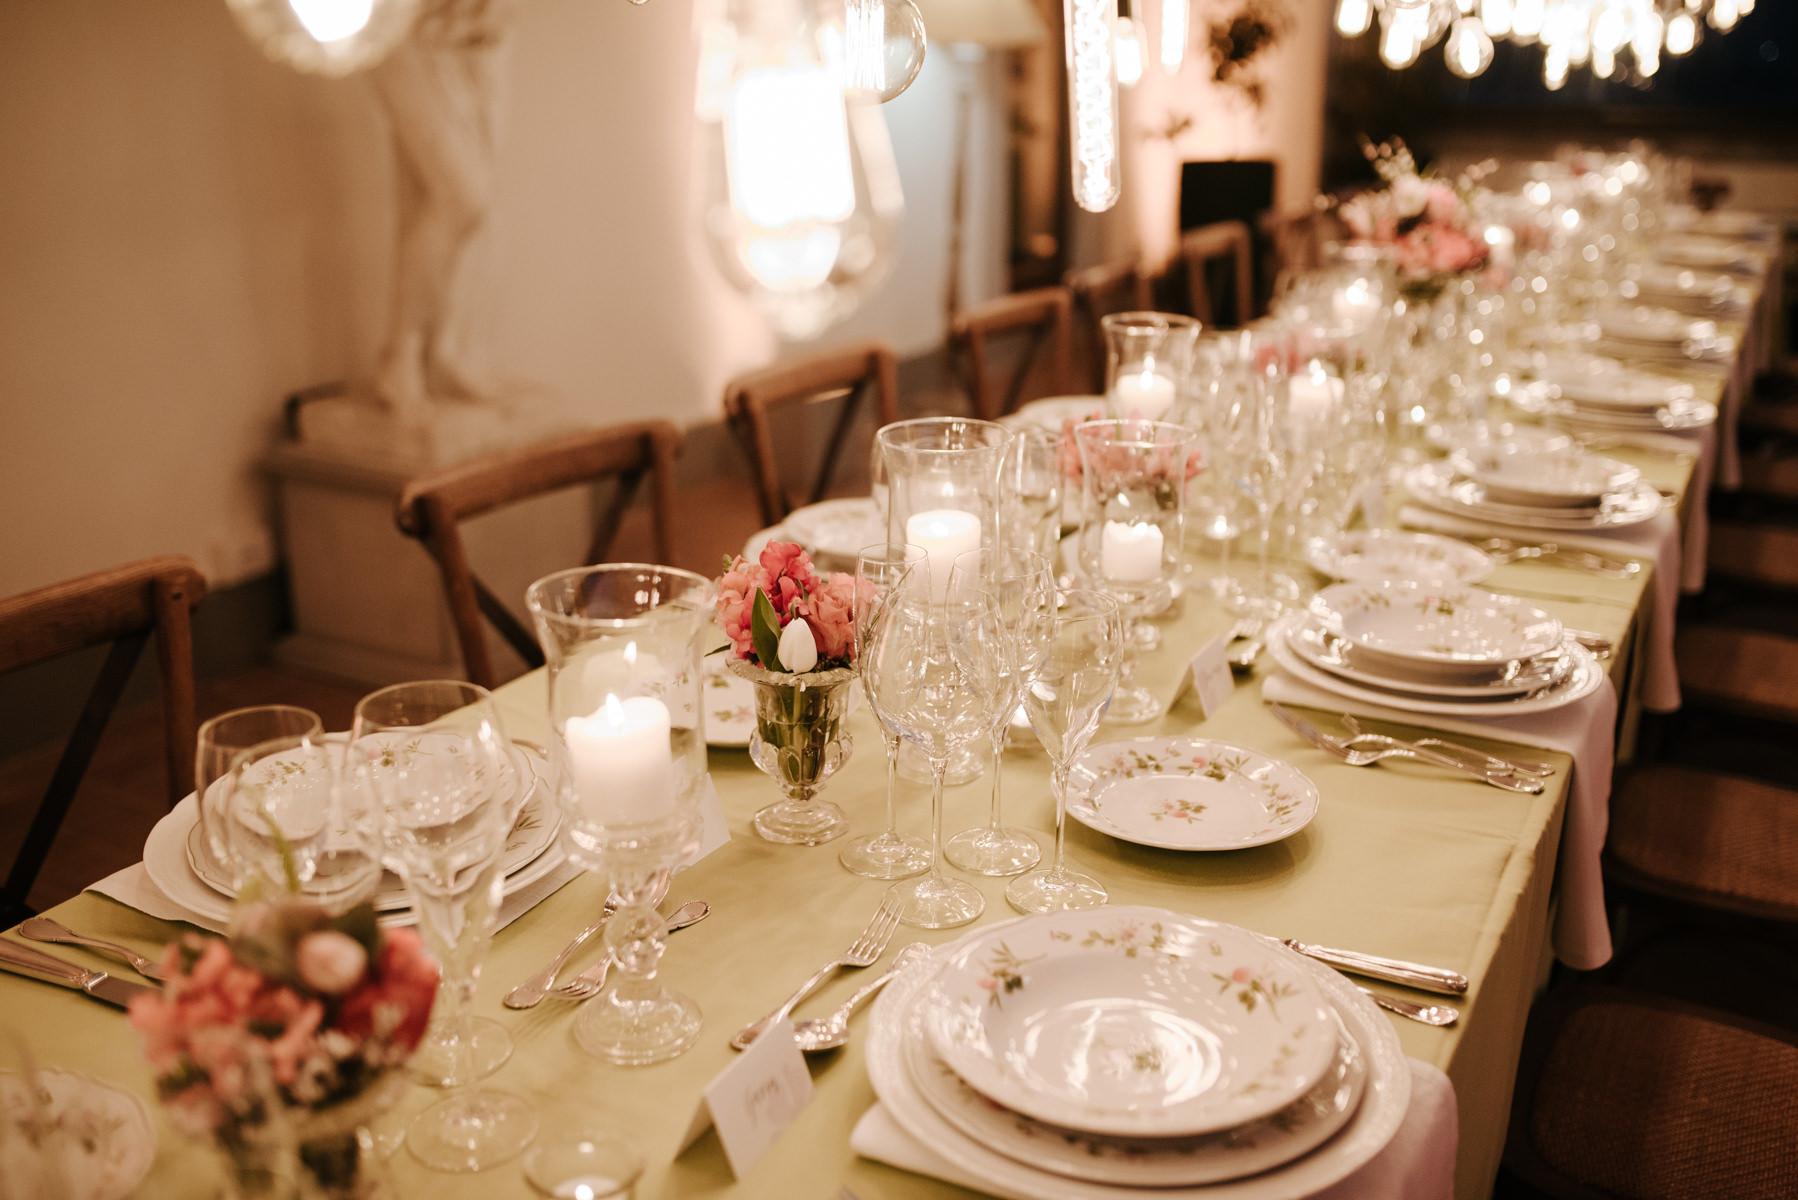 party-tablescape-decor-italy-tuscany